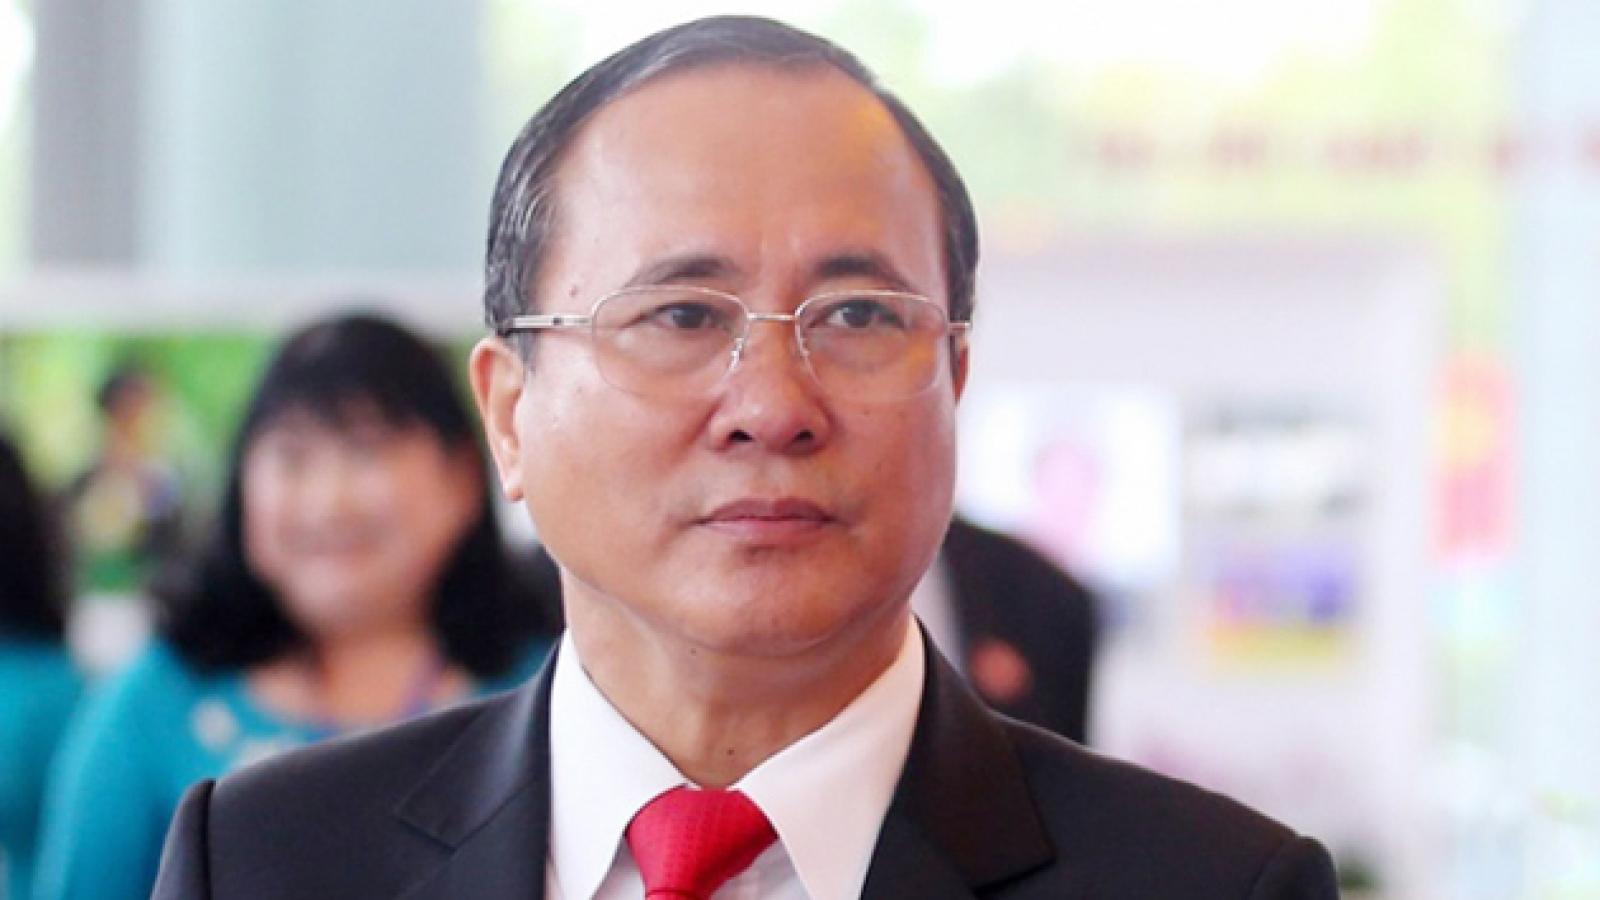 Cách chức tất cả các chức vụ của Bí thư Tỉnh ủy Bình Dương Trần Văn Nam